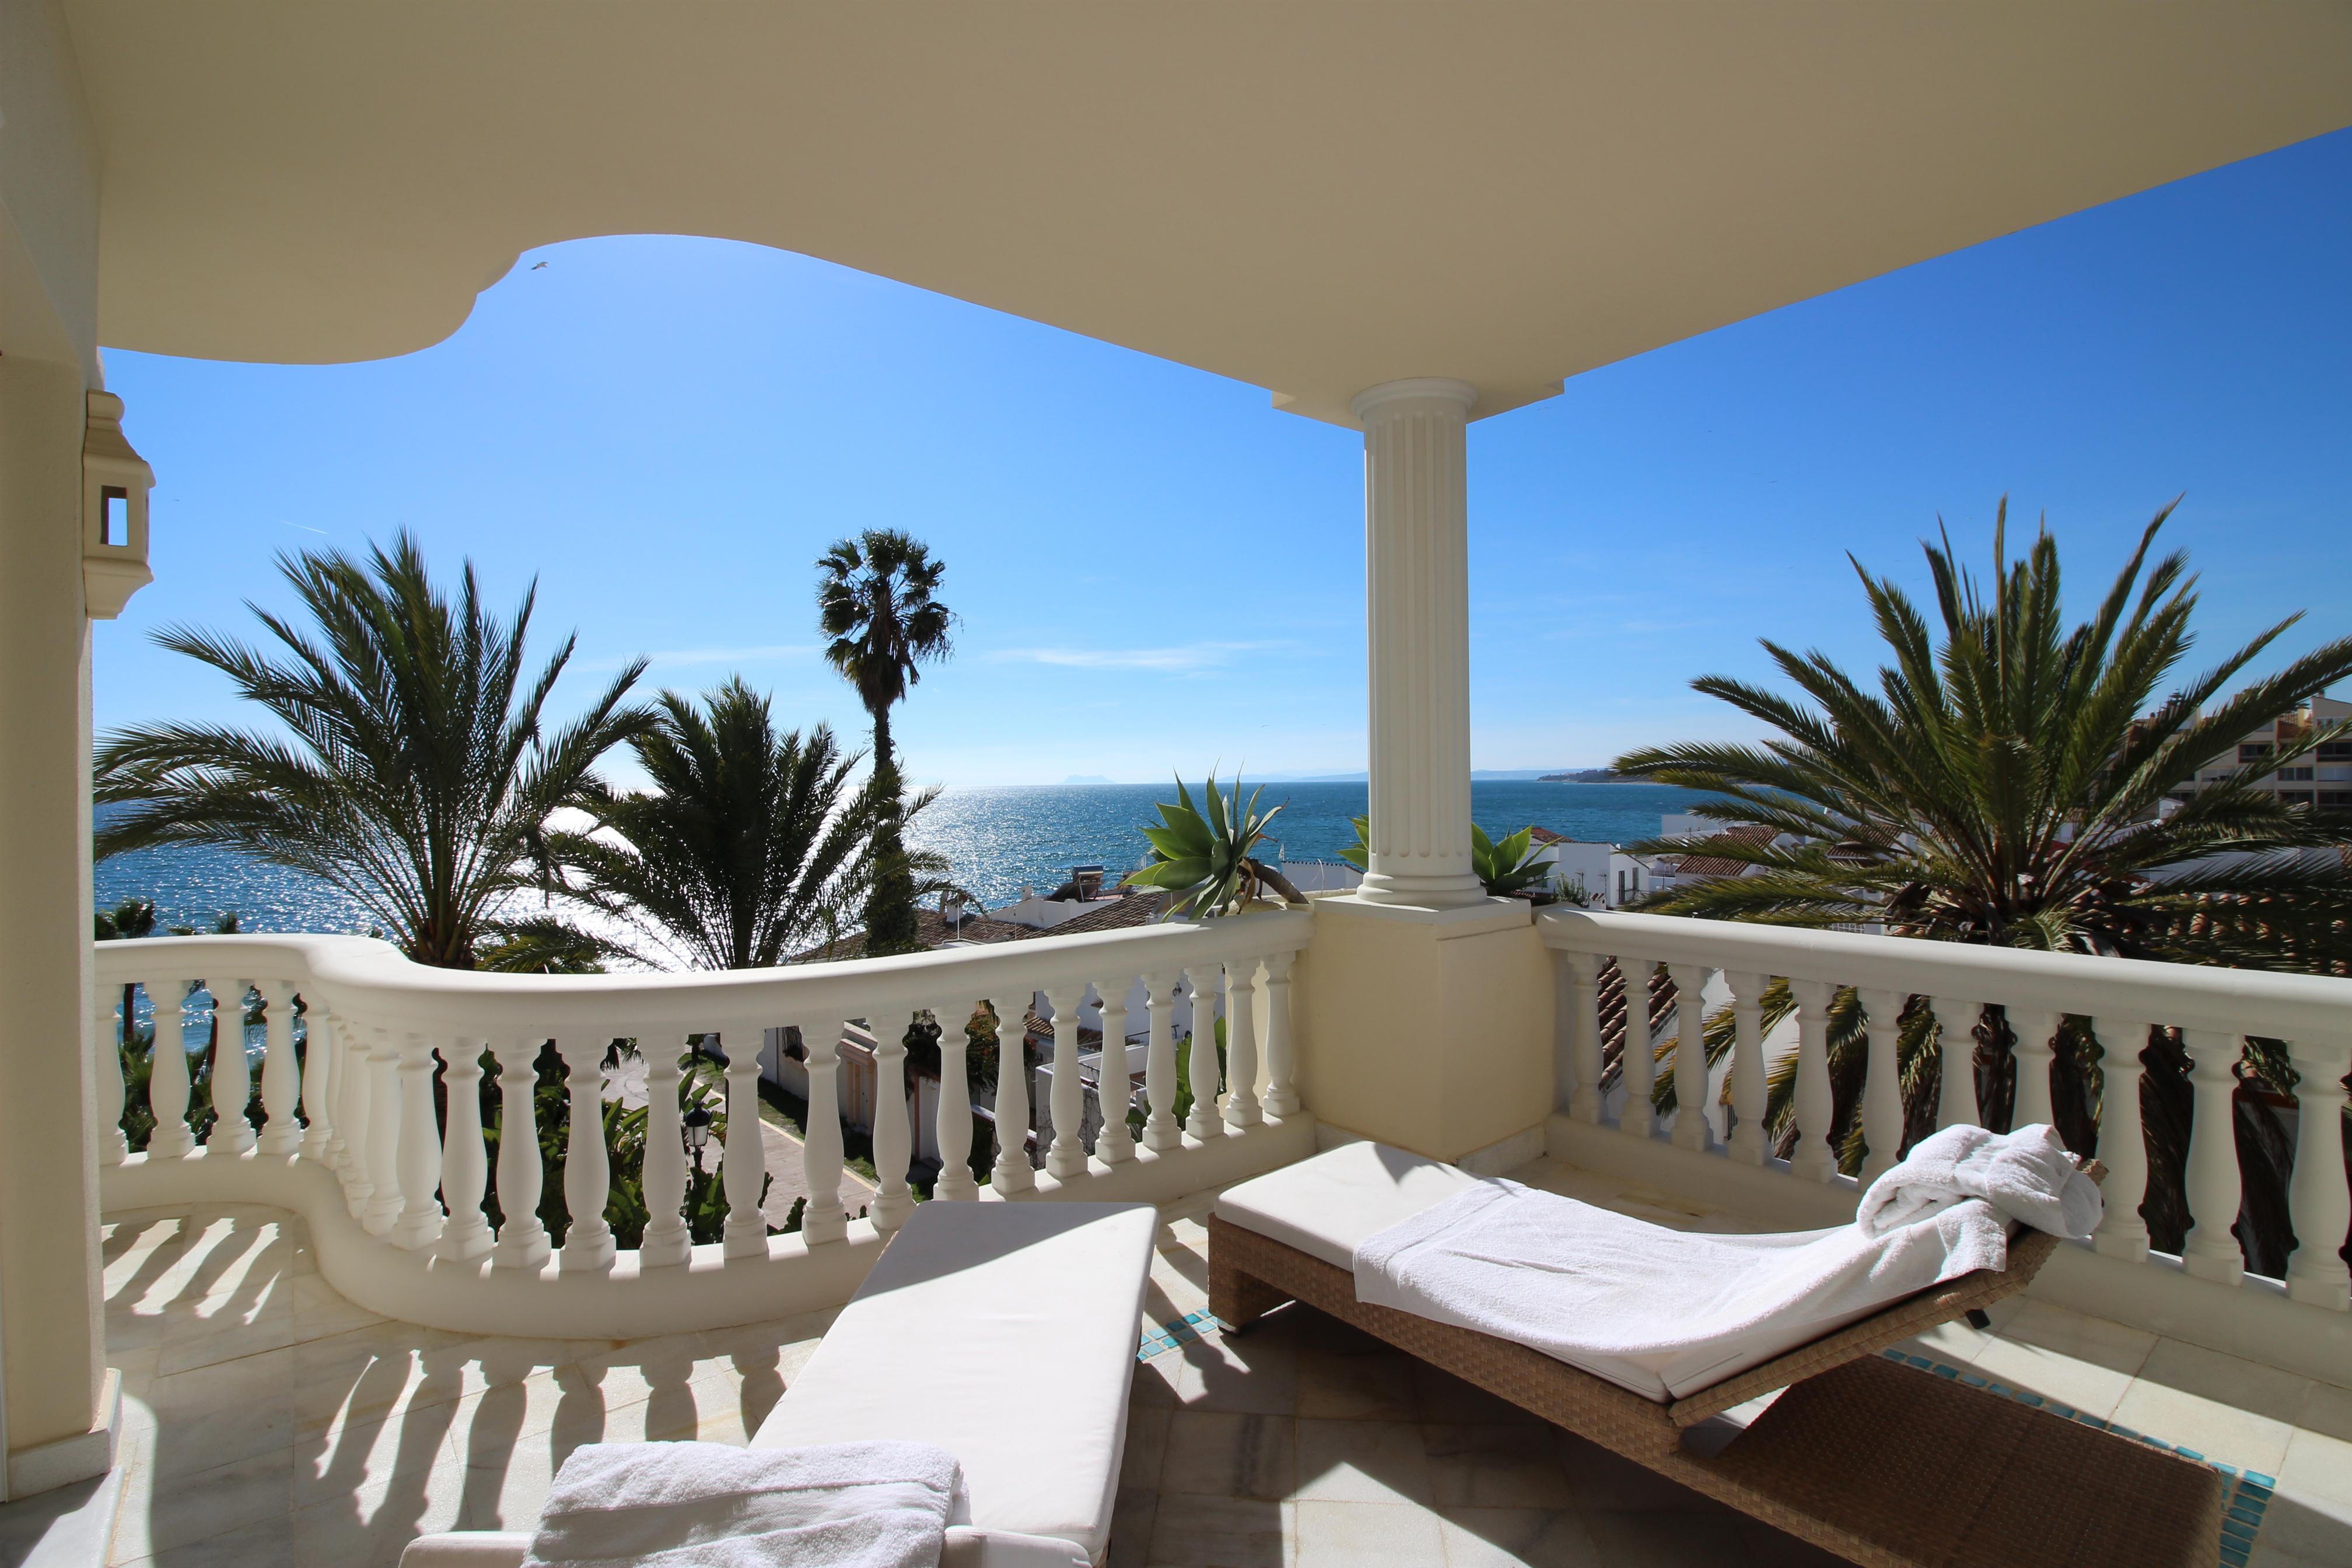 Spain's Golden Visa scheme is gaining ground in Marbella